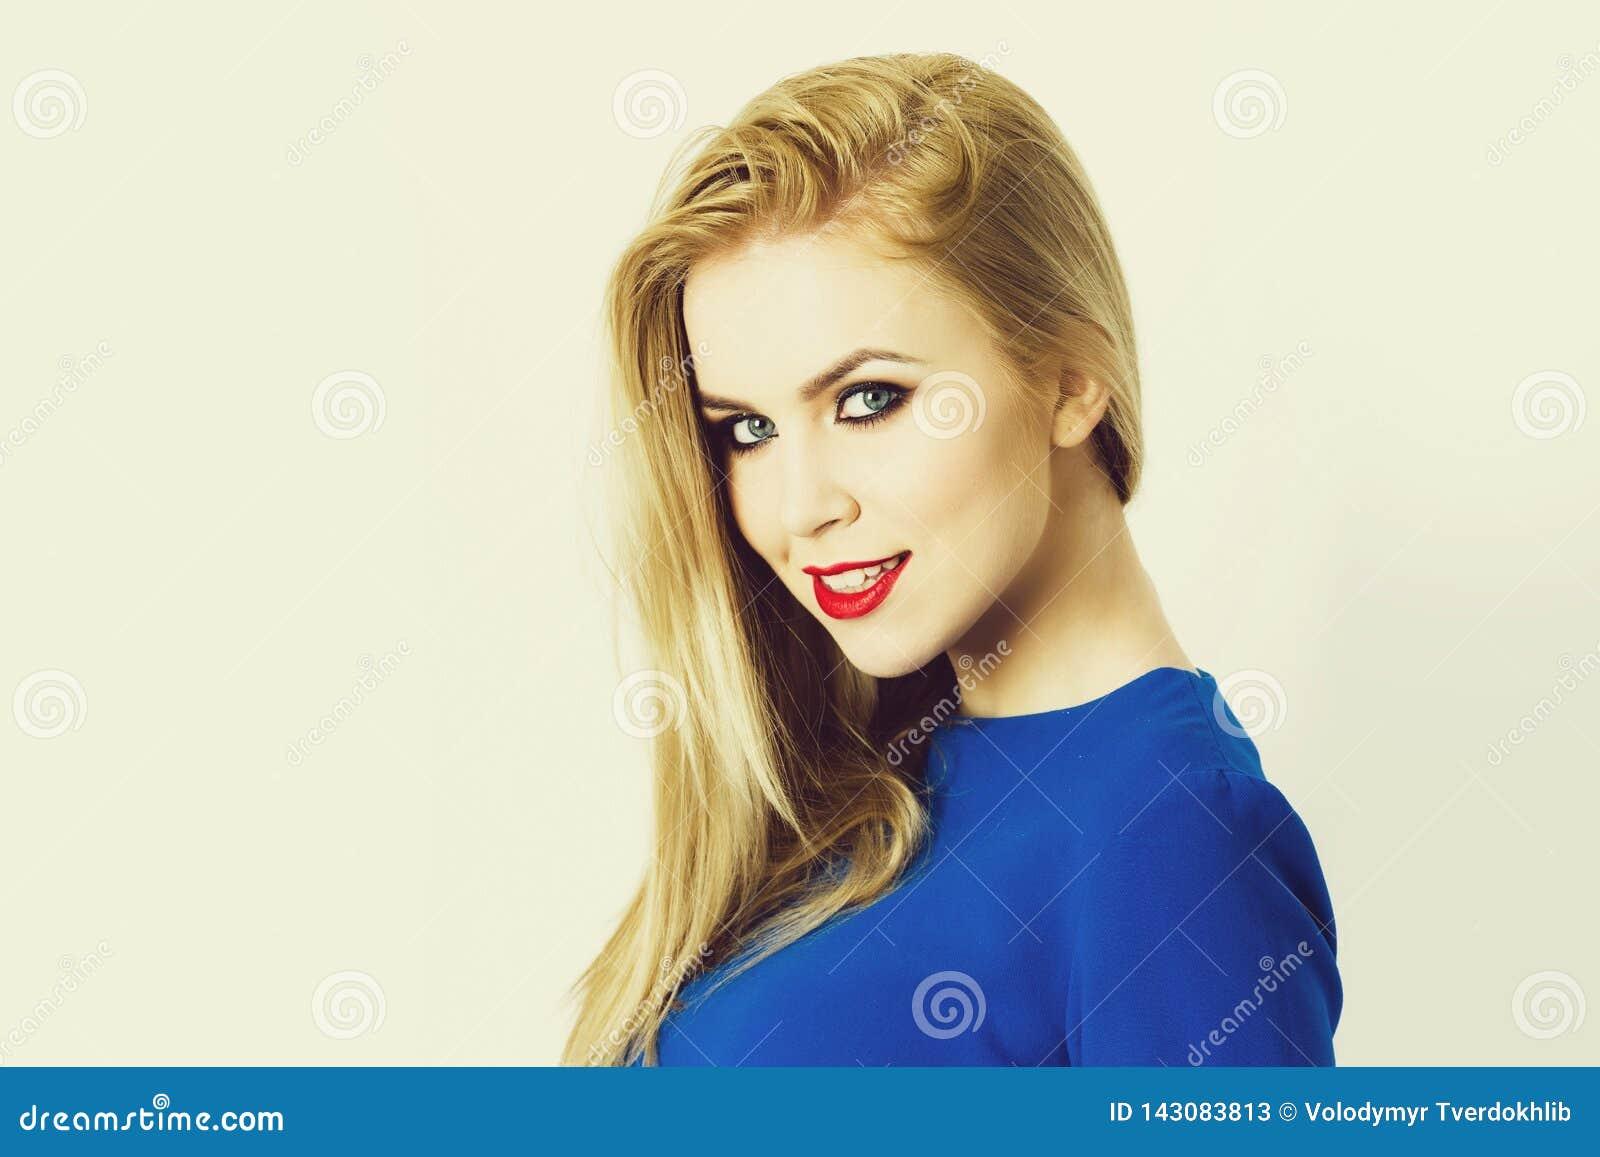 Blondynka lub uśmiechnięta kobieta z modnym makeup